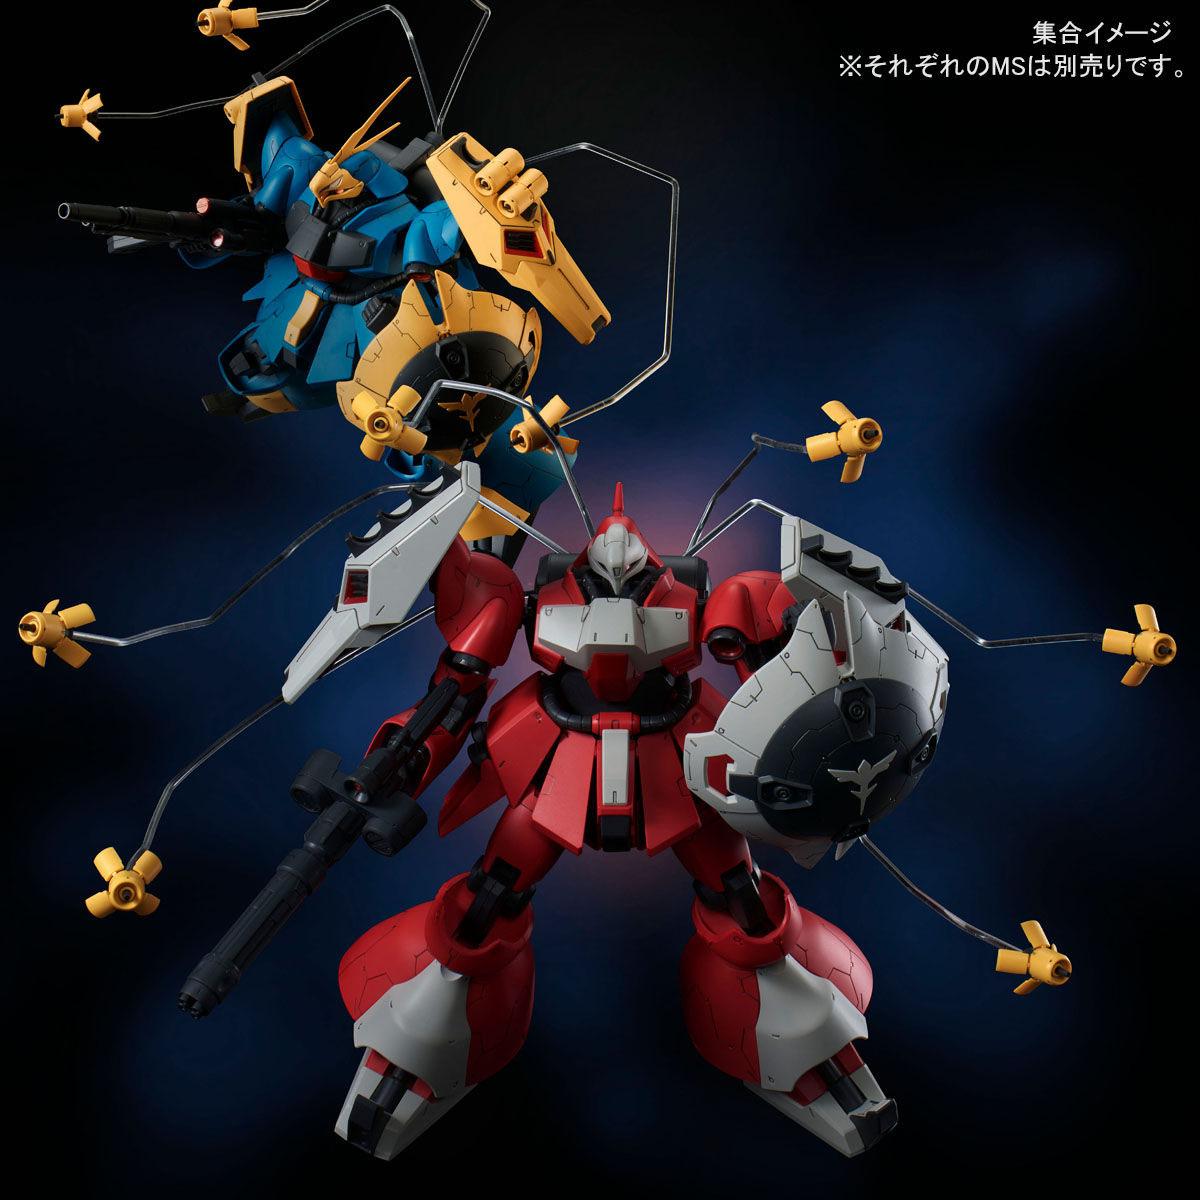 RE/100『ヤクト・ドーガ(クェス・エア機)』機動戦士ガンダム 逆襲のシャア 1/100 プラモデル-008